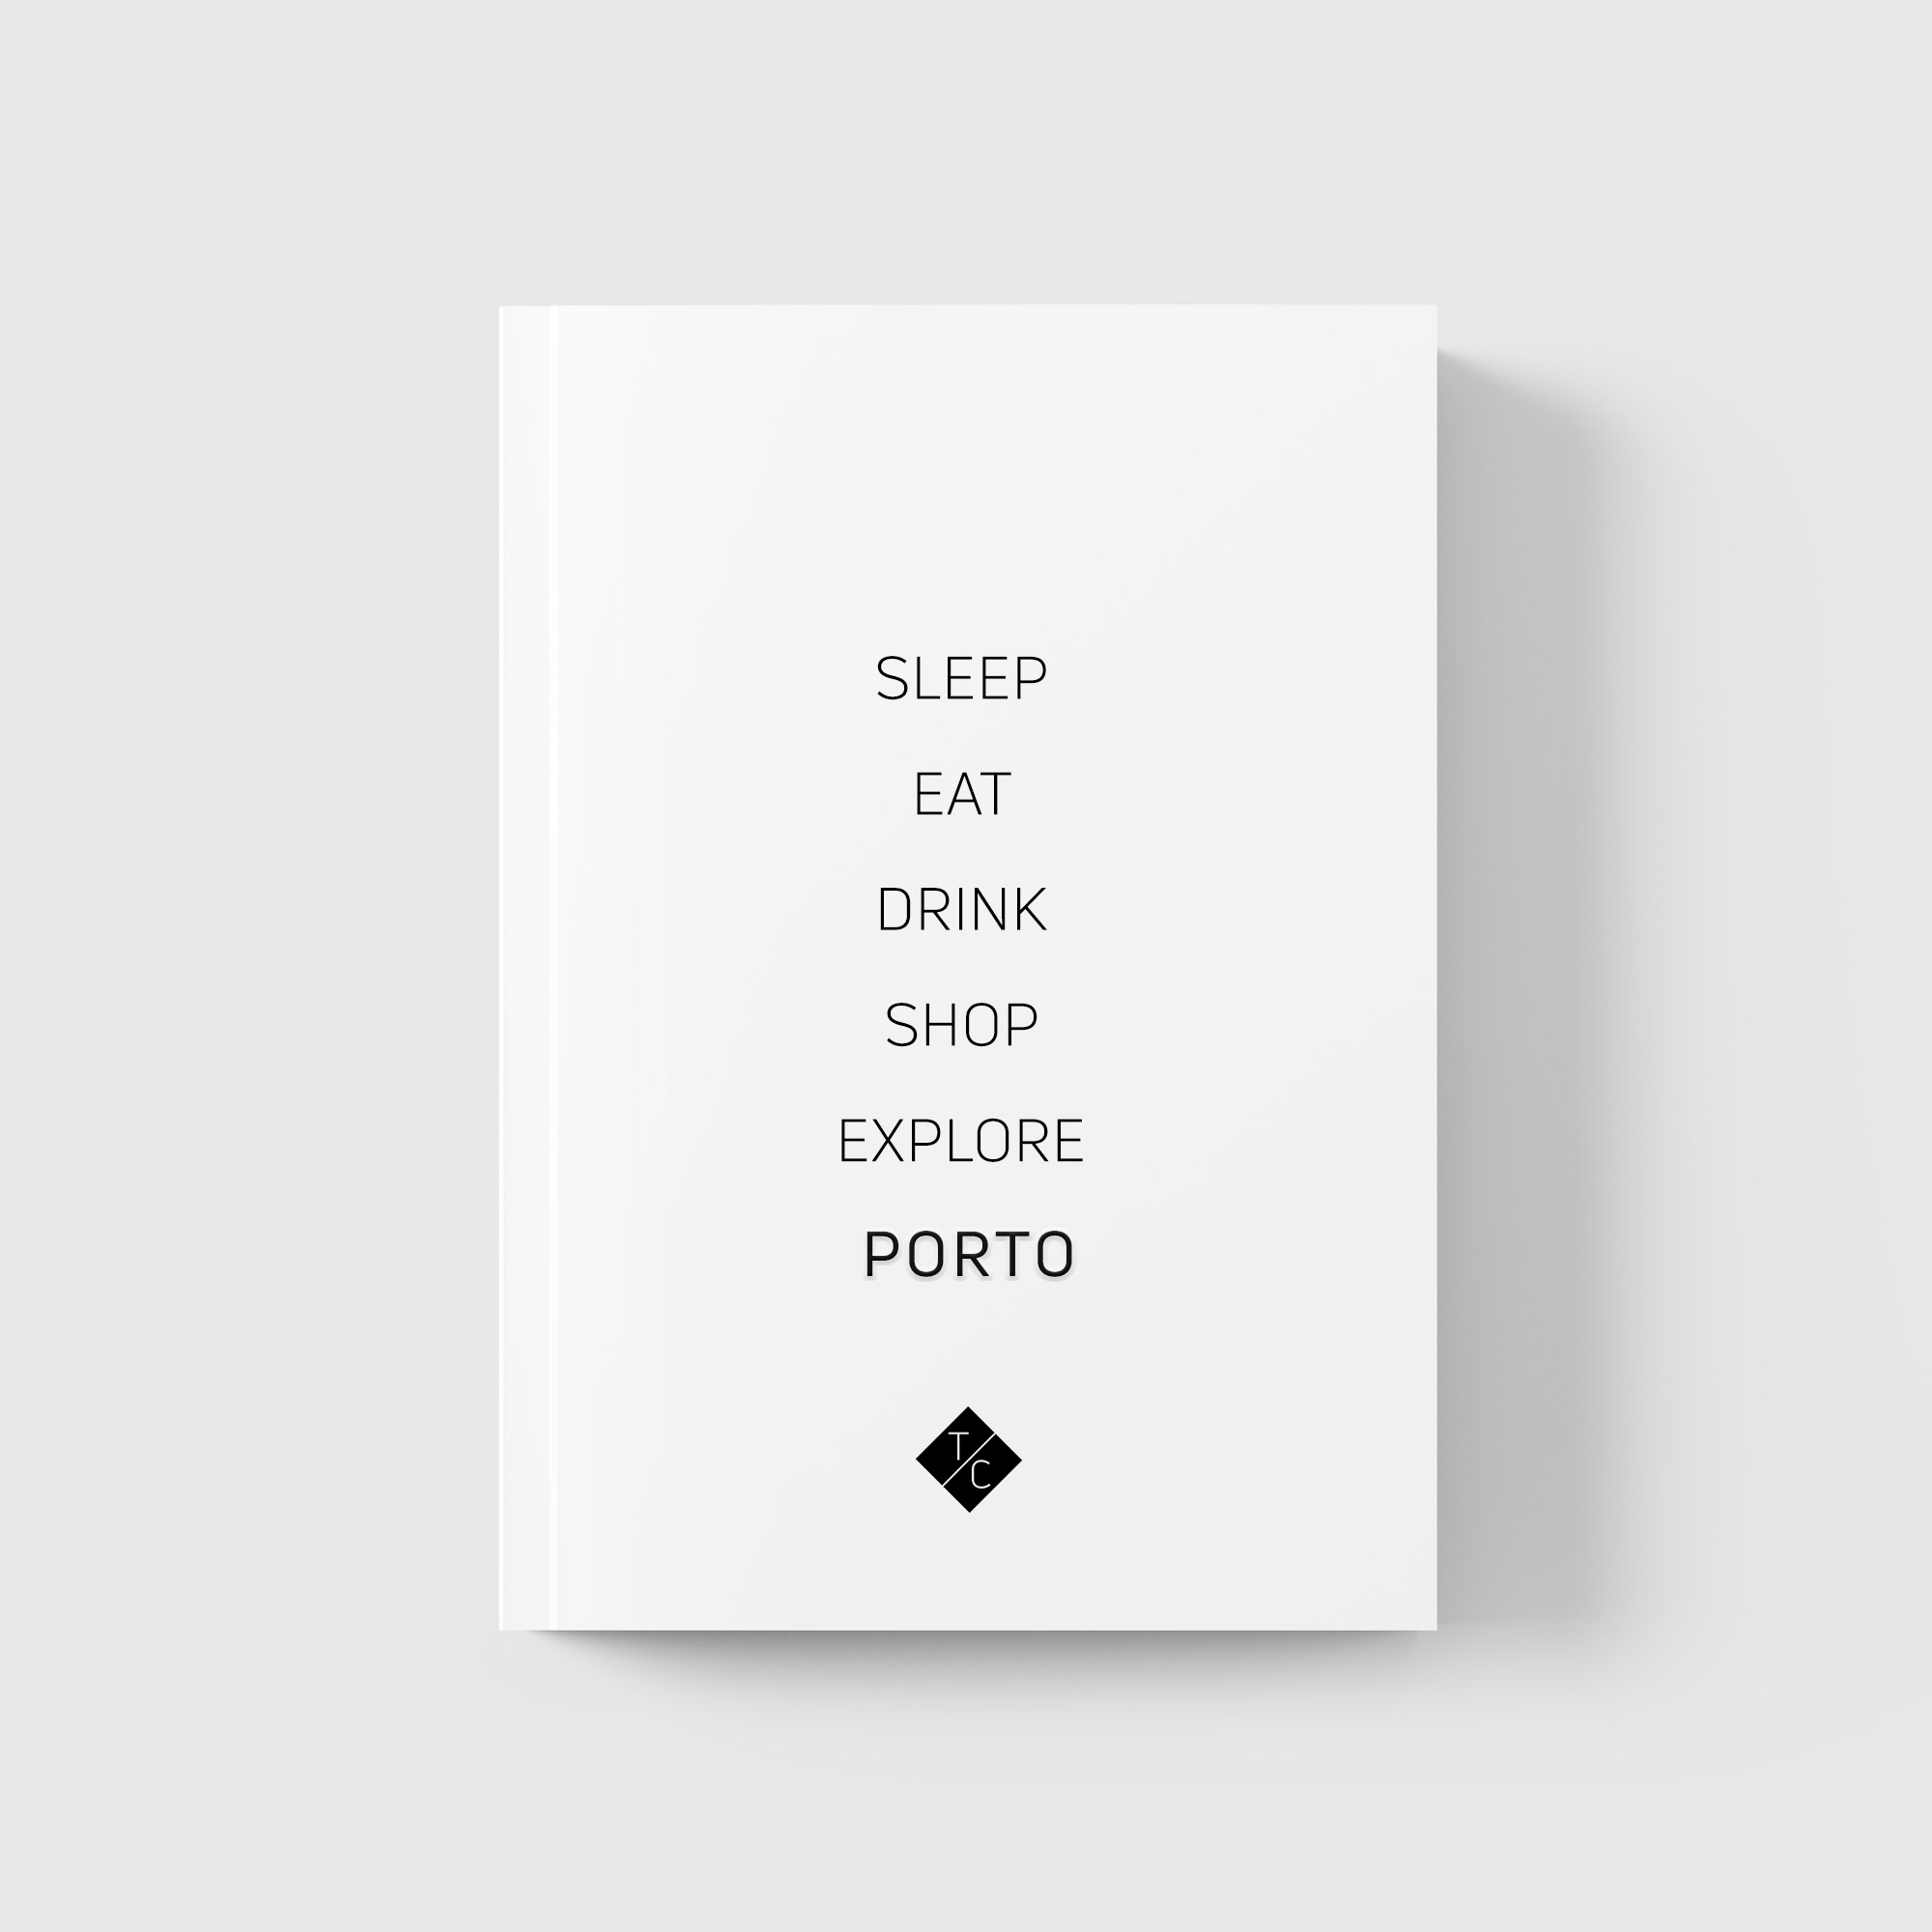 Cover_mit_praegung_Porto